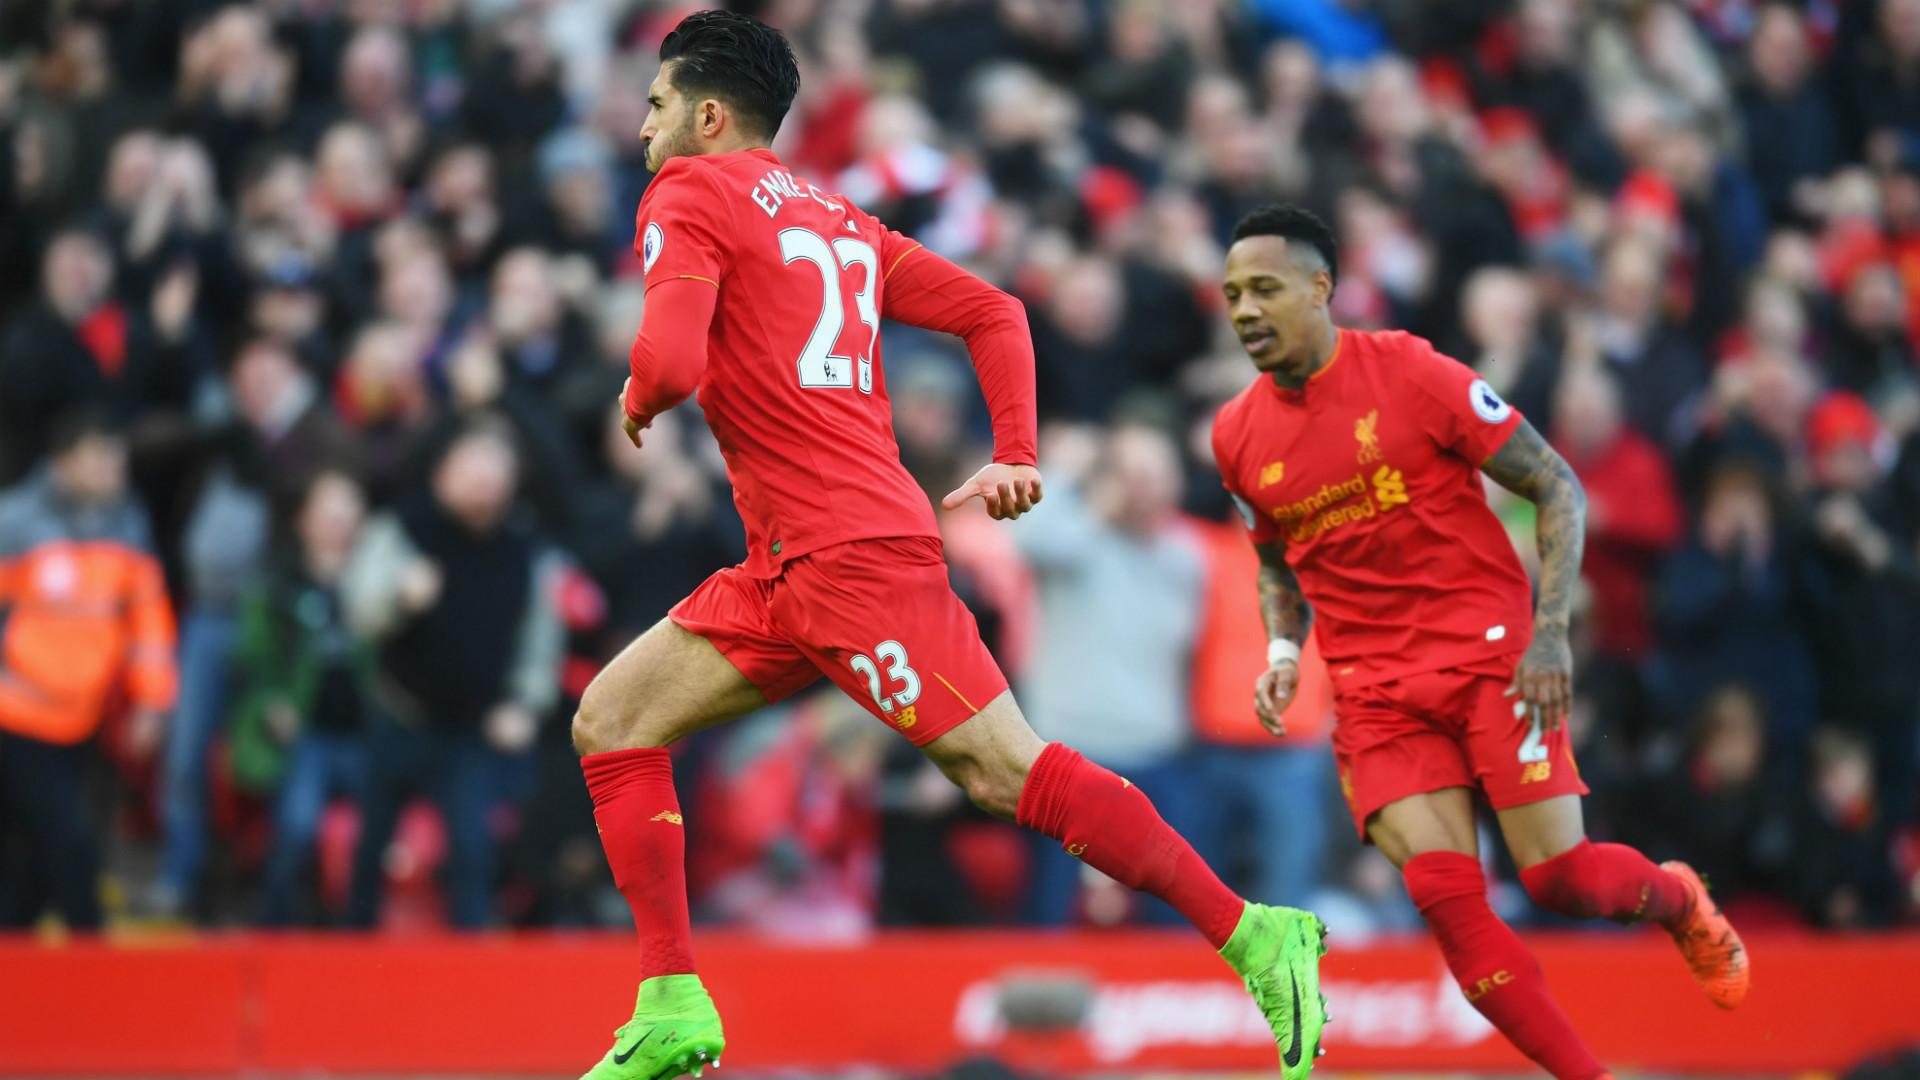 HD Emre Can Liverpool v Burnley